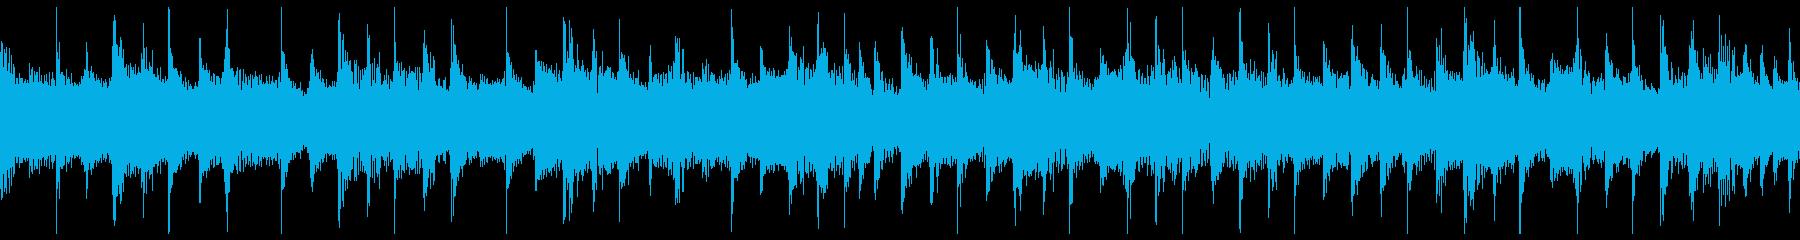 代替案 ポップ ロック コーポレー...の再生済みの波形